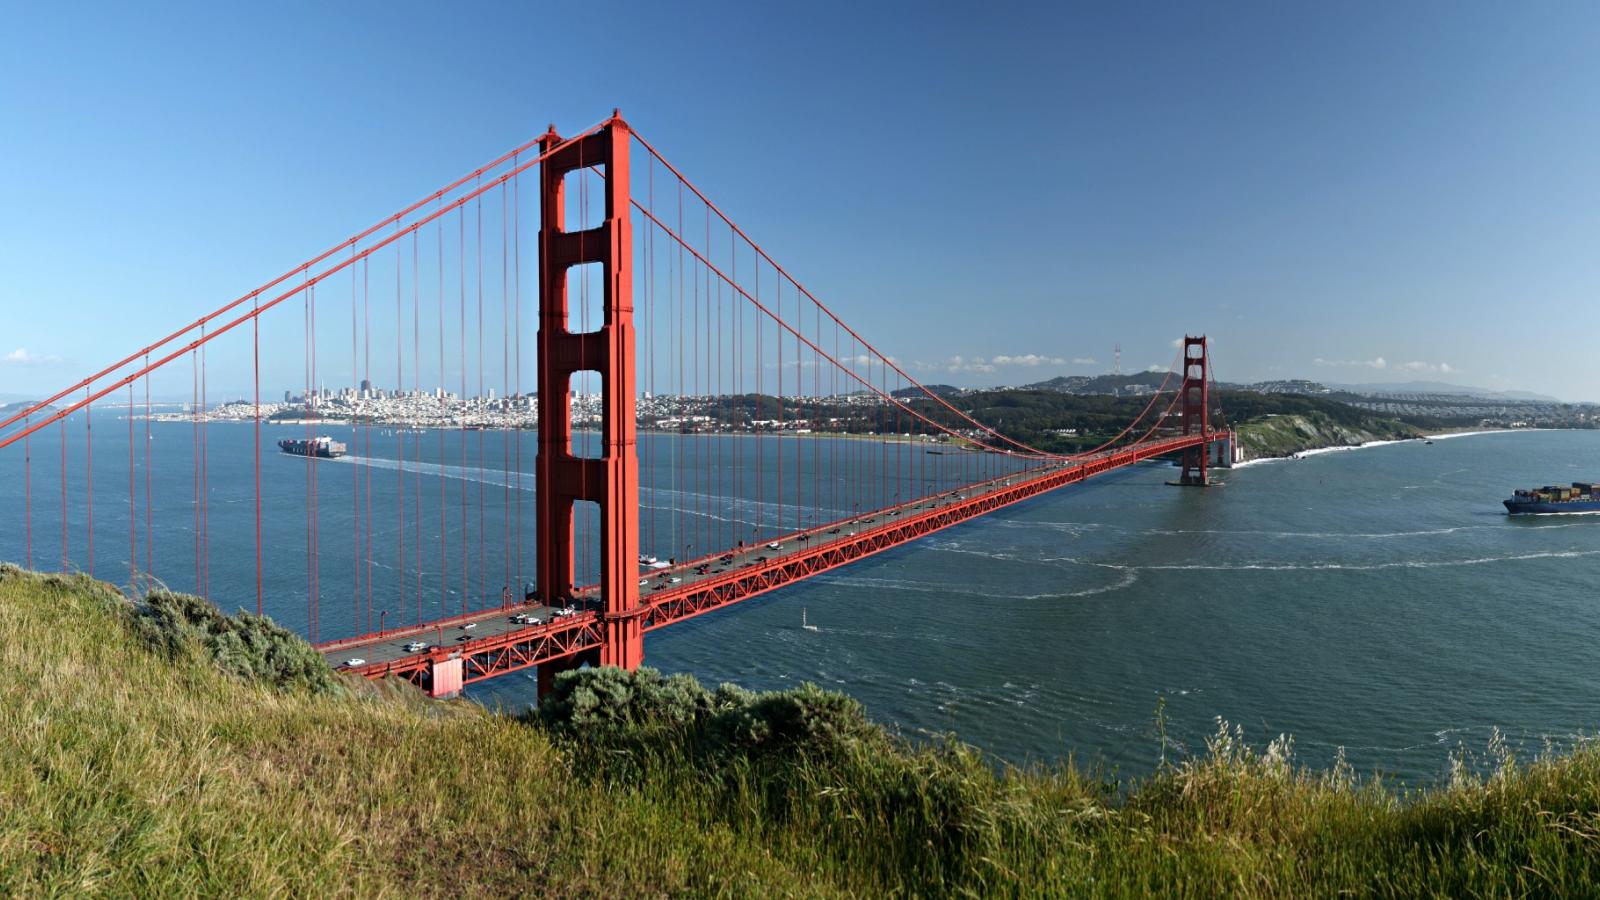 Free Download Golden Gate Bridge Wallpaper Hd 2560x1024 2560x1024